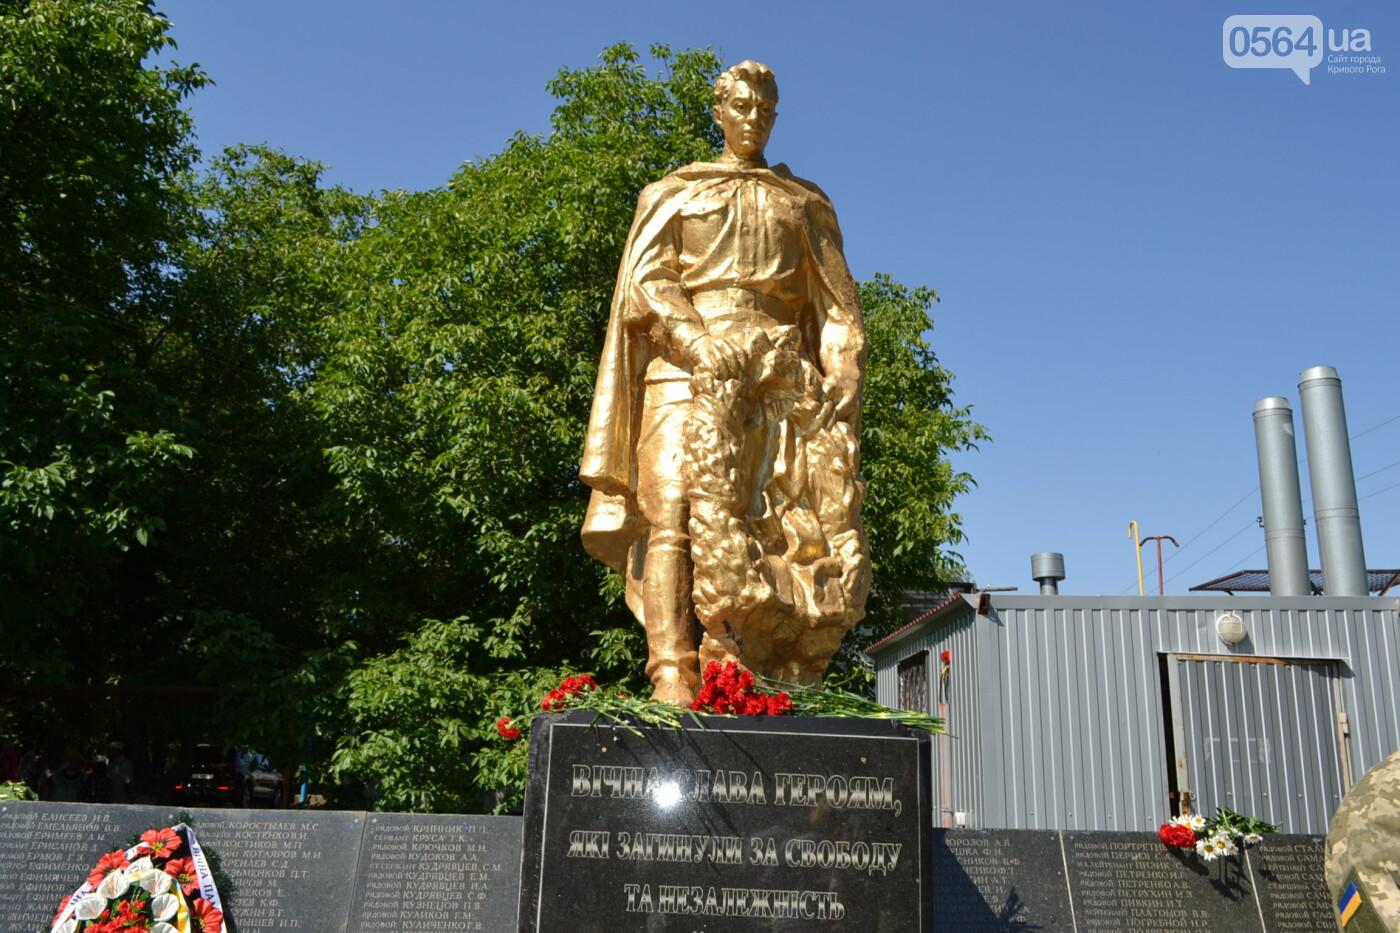 Вечная память! На Криворожье торжественно захоронили останки 43 воинов Второй мировой, - ФОТО, ВИДЕО, фото-39